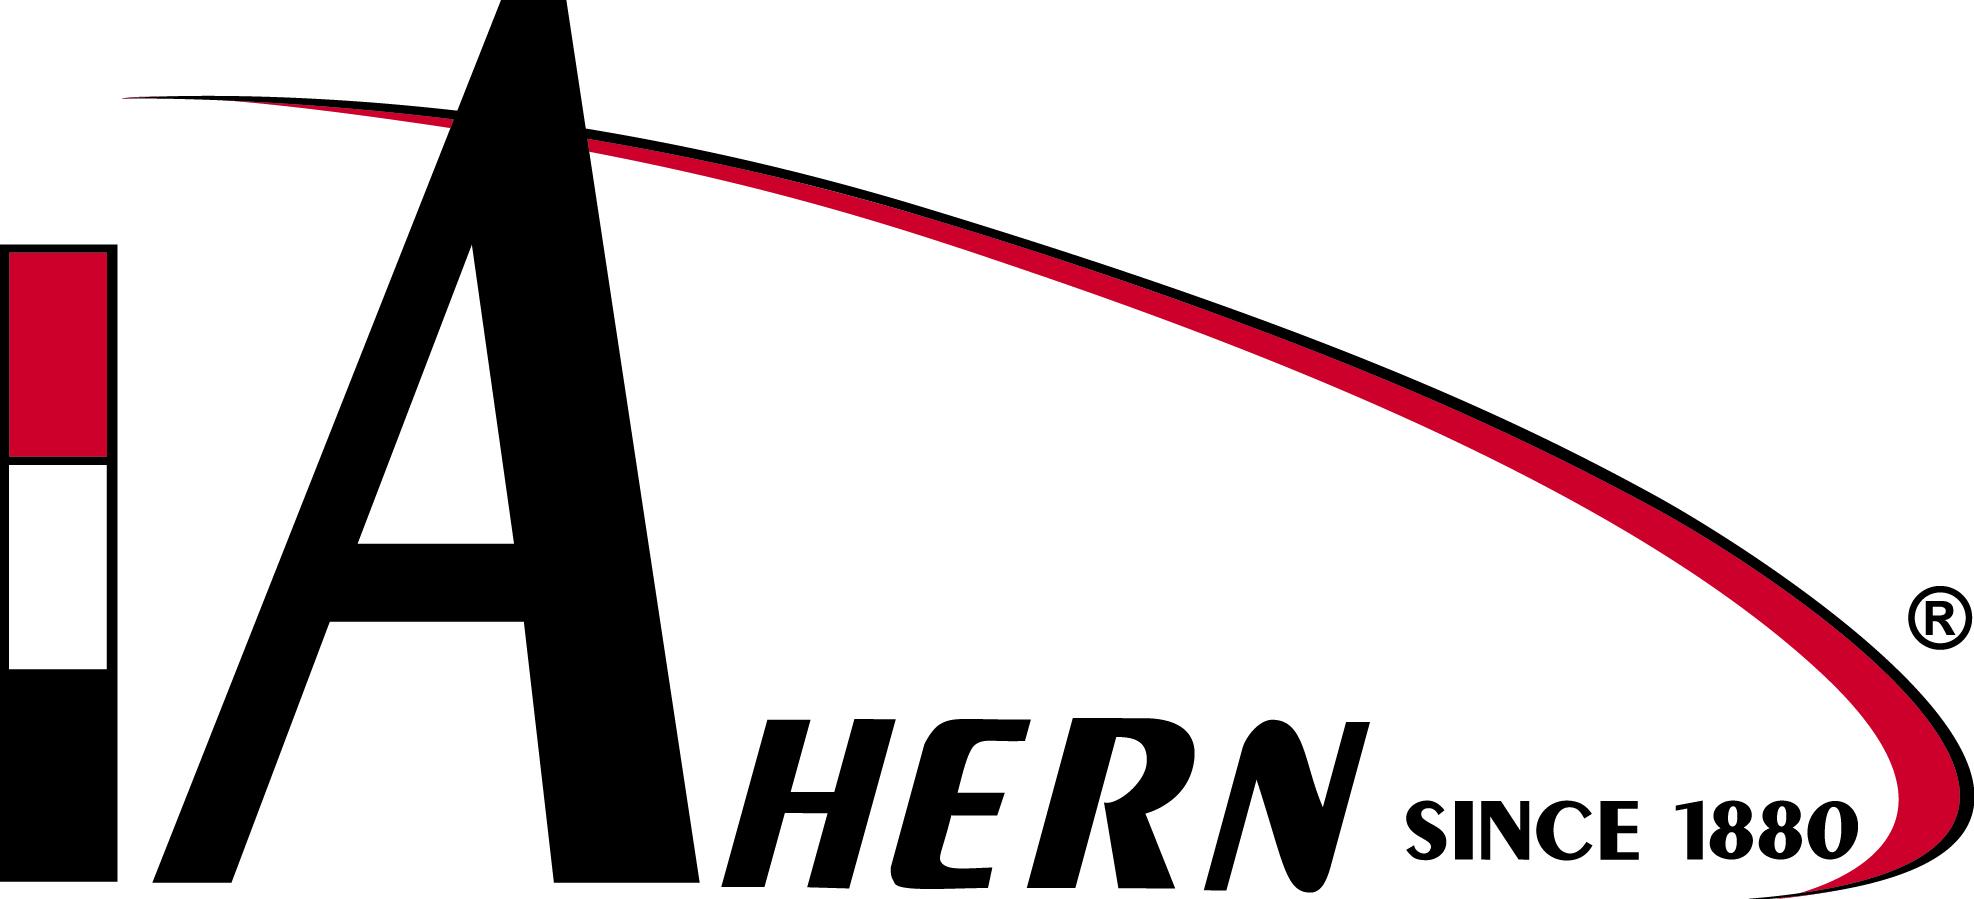 Ahern Logo_High Res.jpg